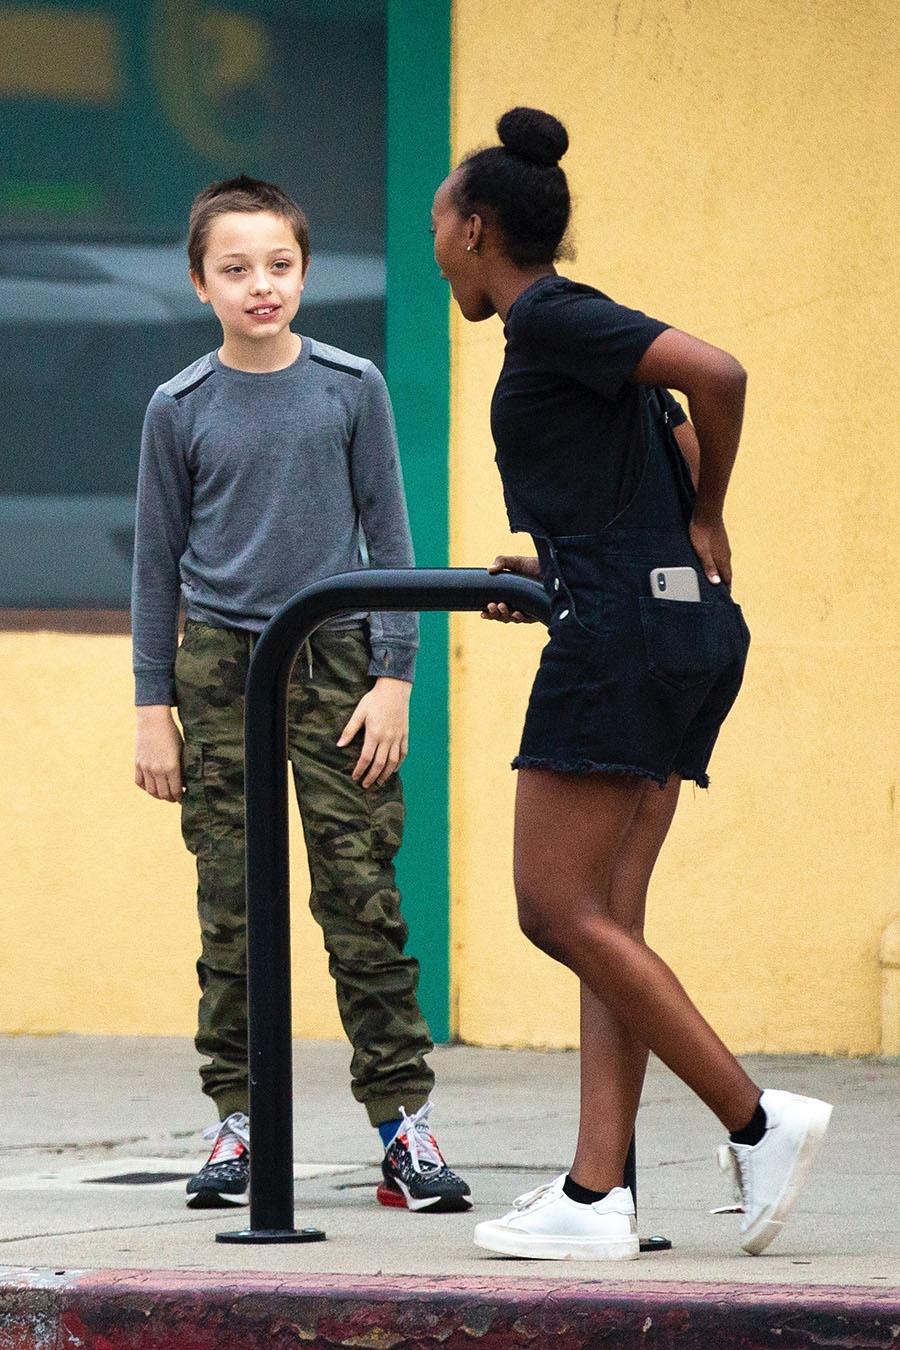 Zahara Jolie Pitt And Knox Jolie Pitt Goof Around While